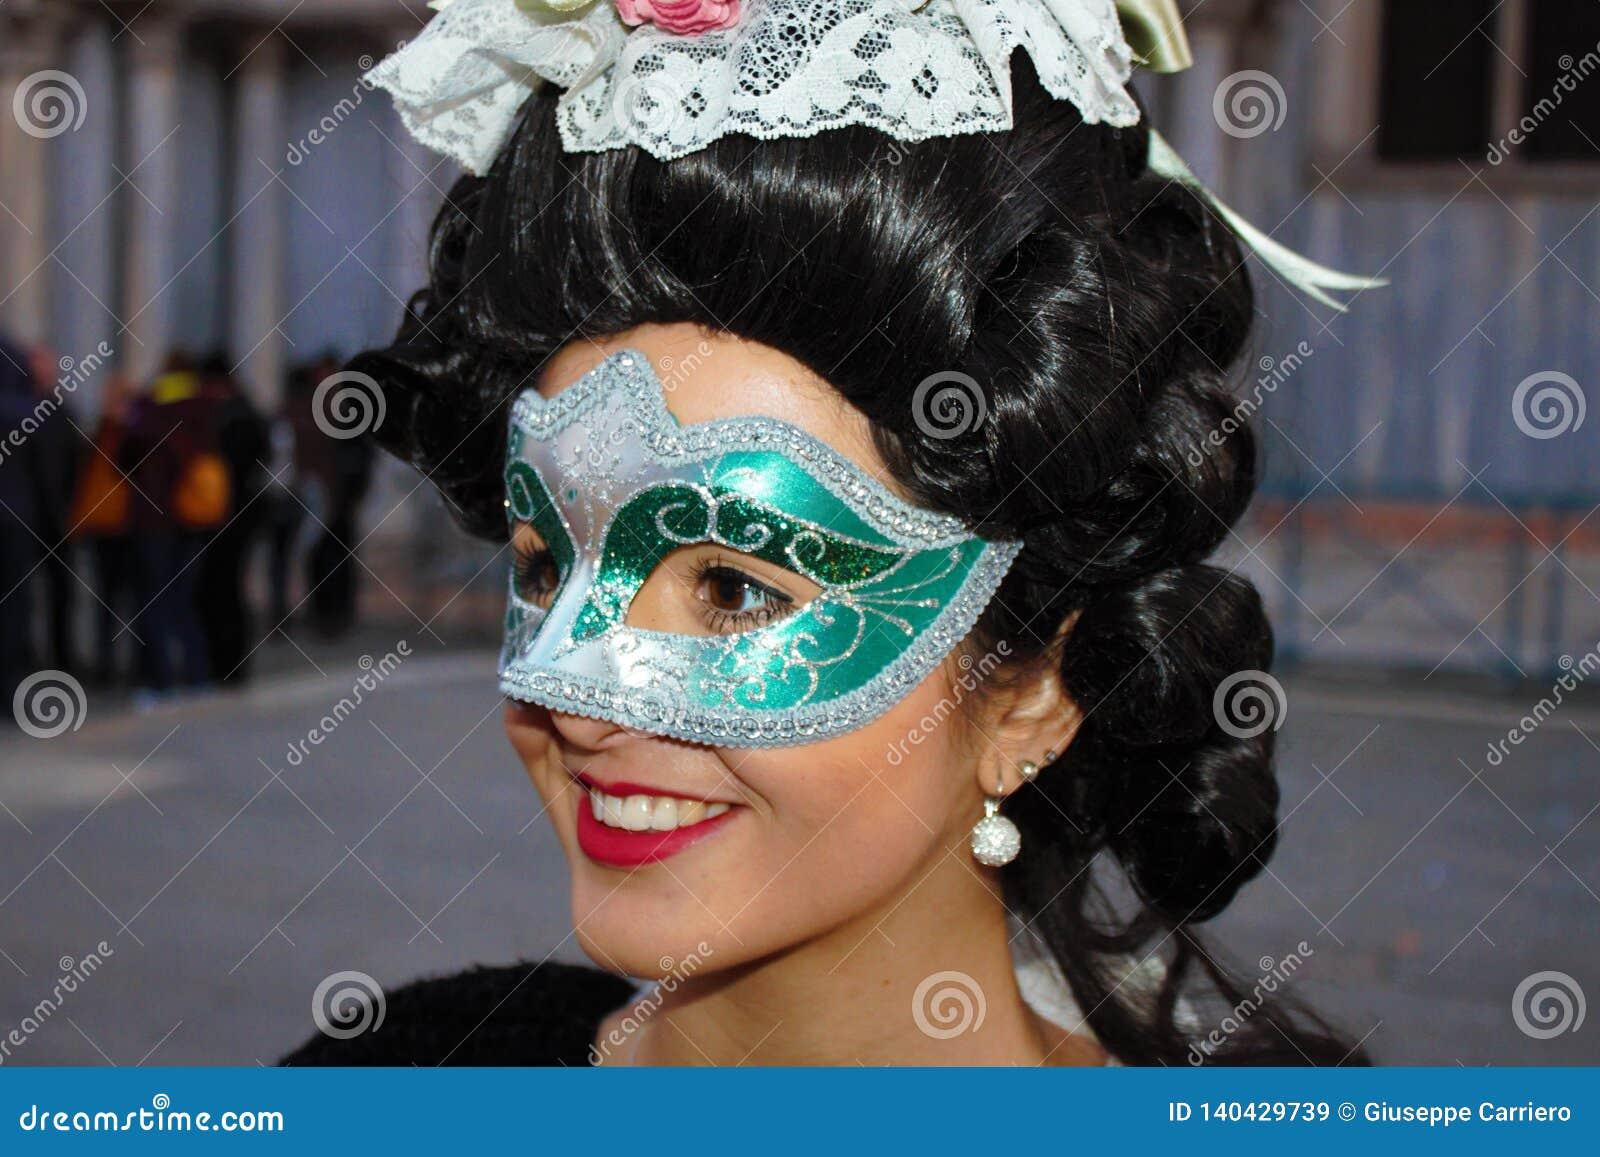 El carnaval de Venecia, retrato de una máscara, durante el carnaval veneciano en la ciudad entera allí es máscaras maravillosas